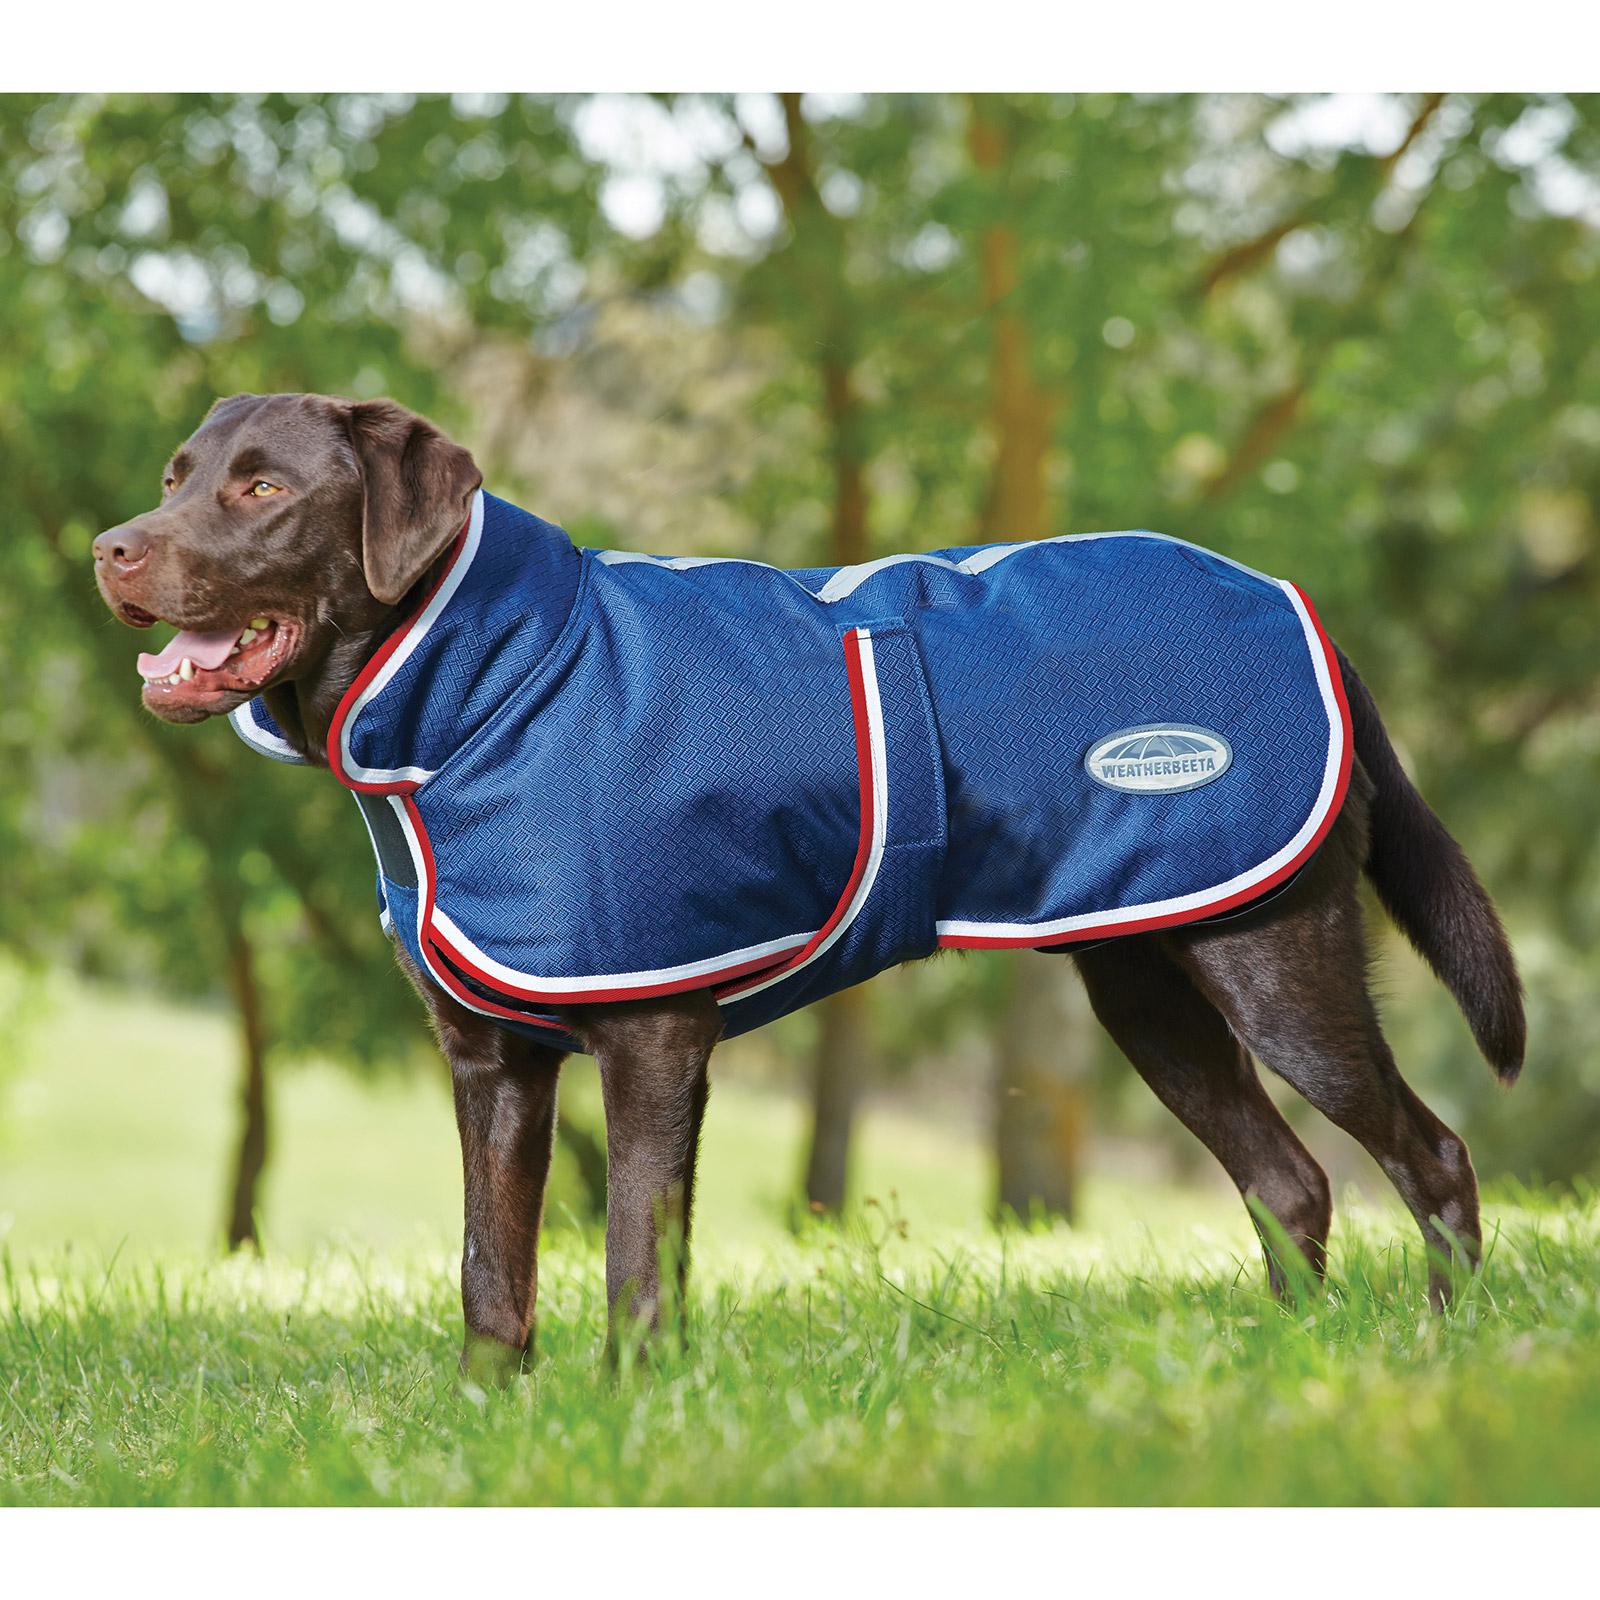 Weatherbeeta Parka 1200d Deluxe Dog Rug